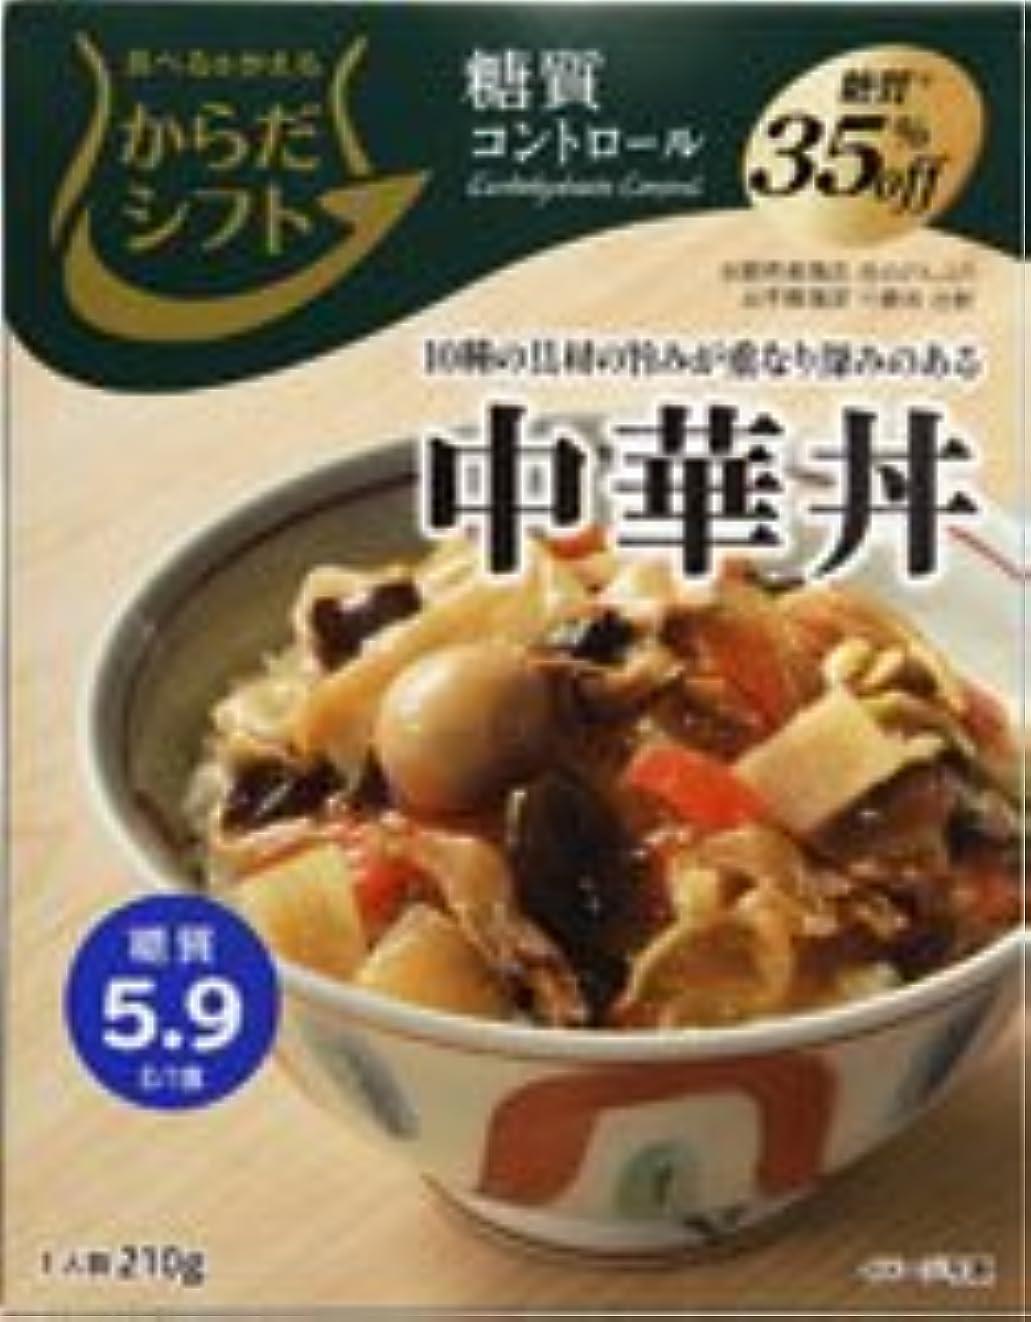 不運谷テーブルからだシフト 糖質コントロール 中華丼210g【5個セット】